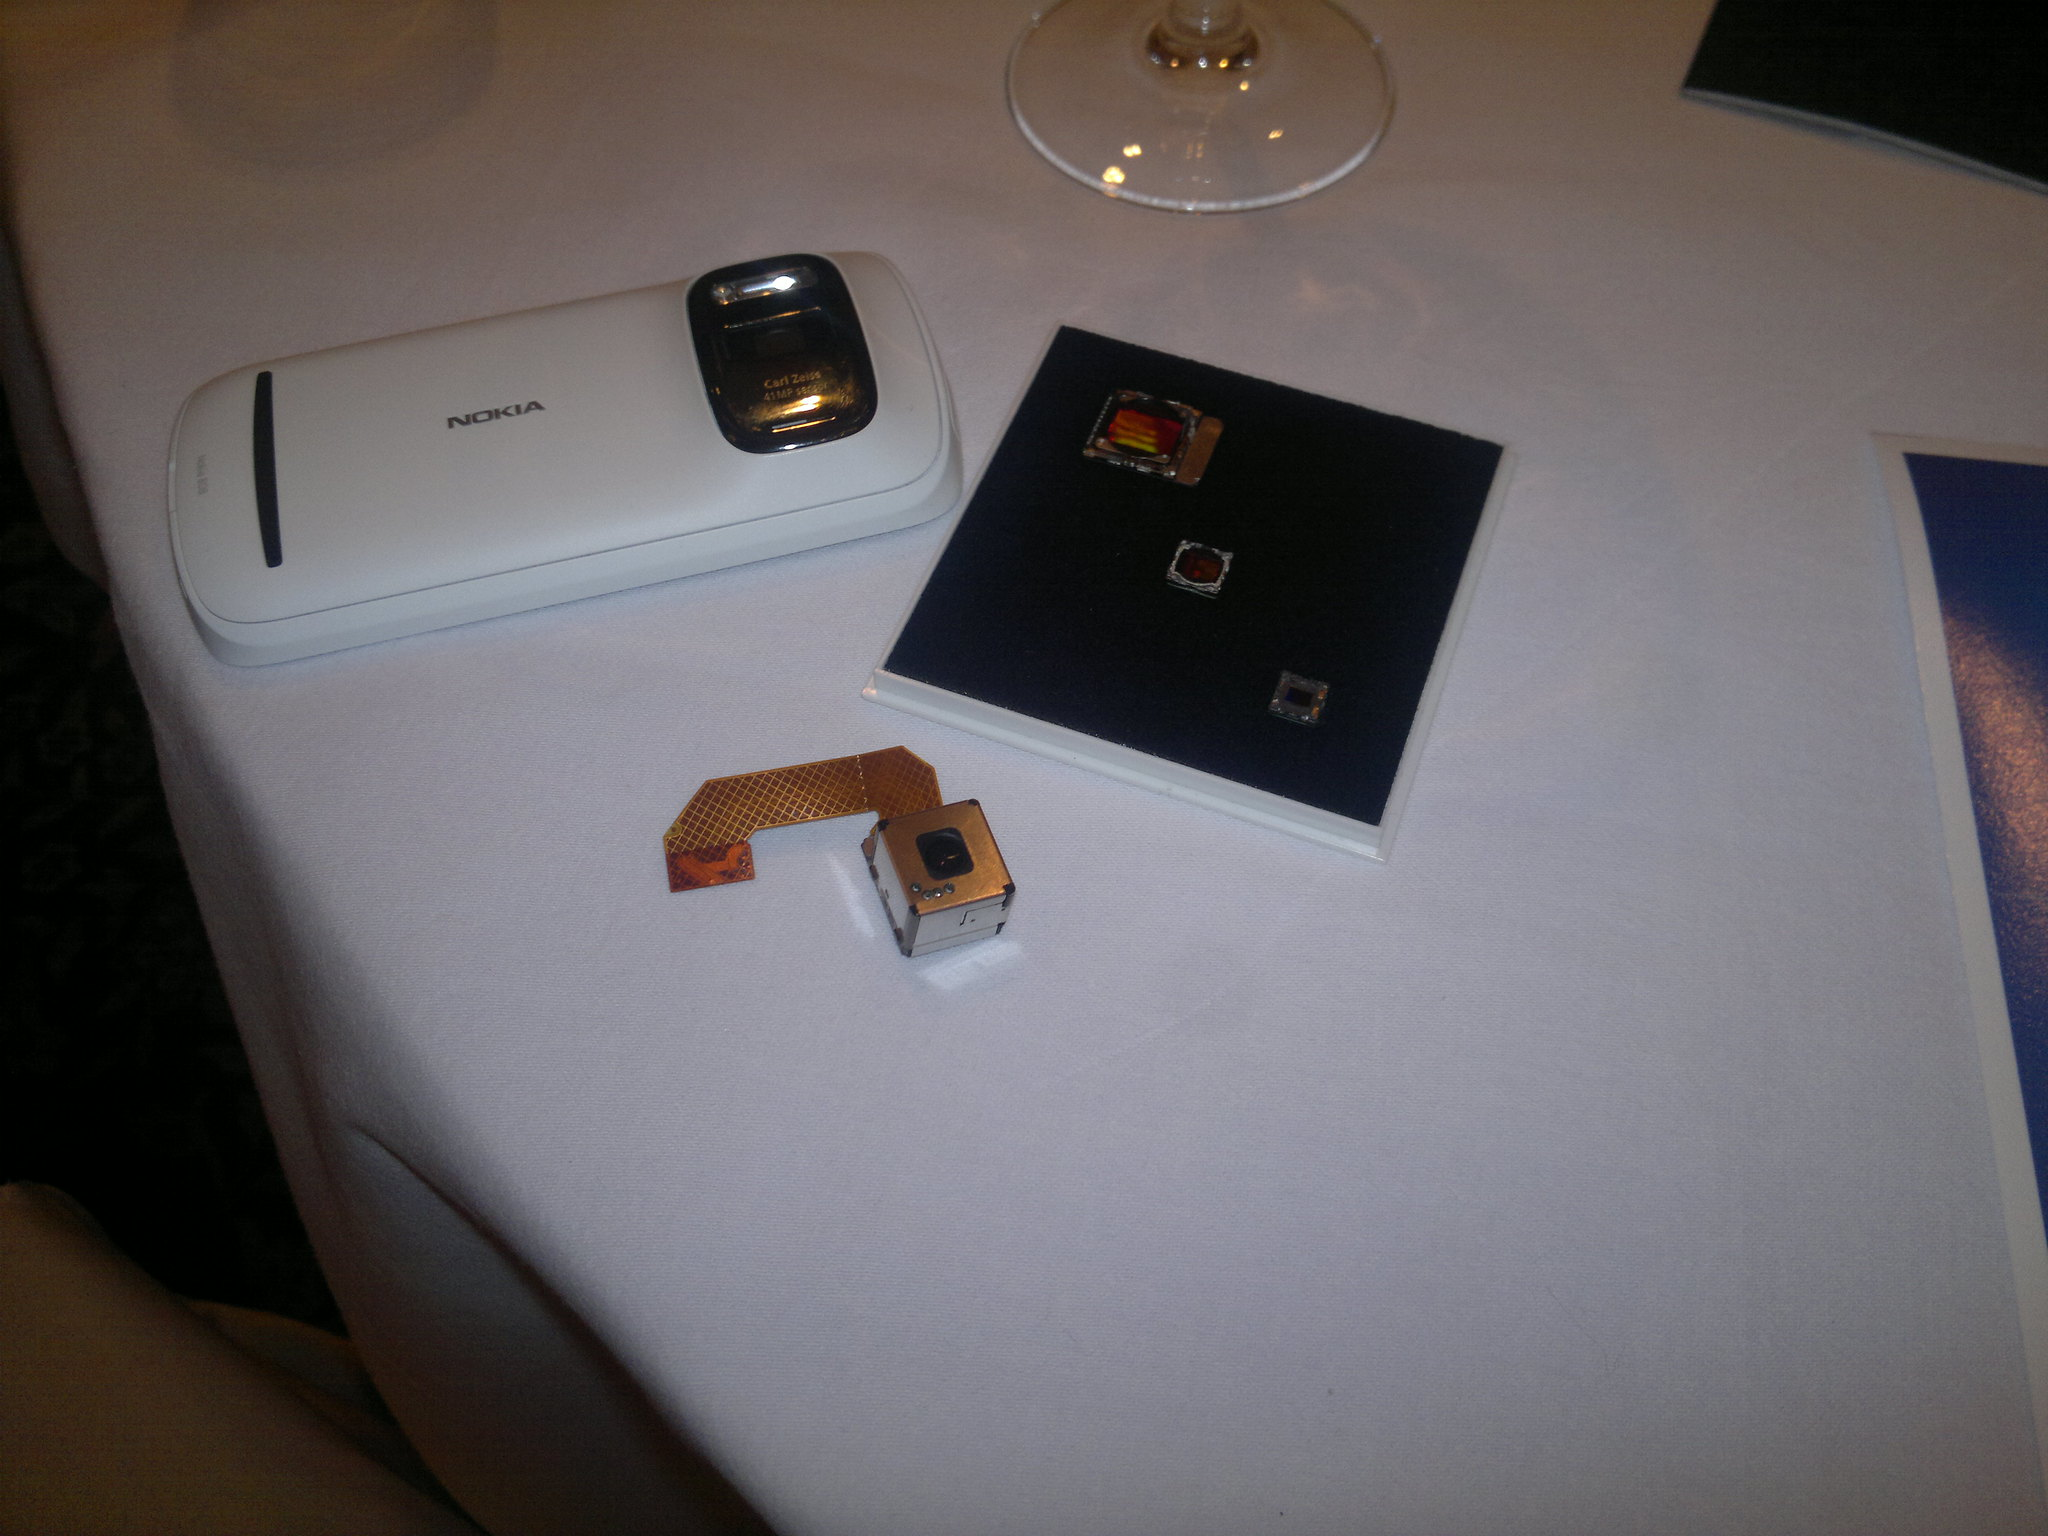 Nokia 808, Sensor and Sensor comparison